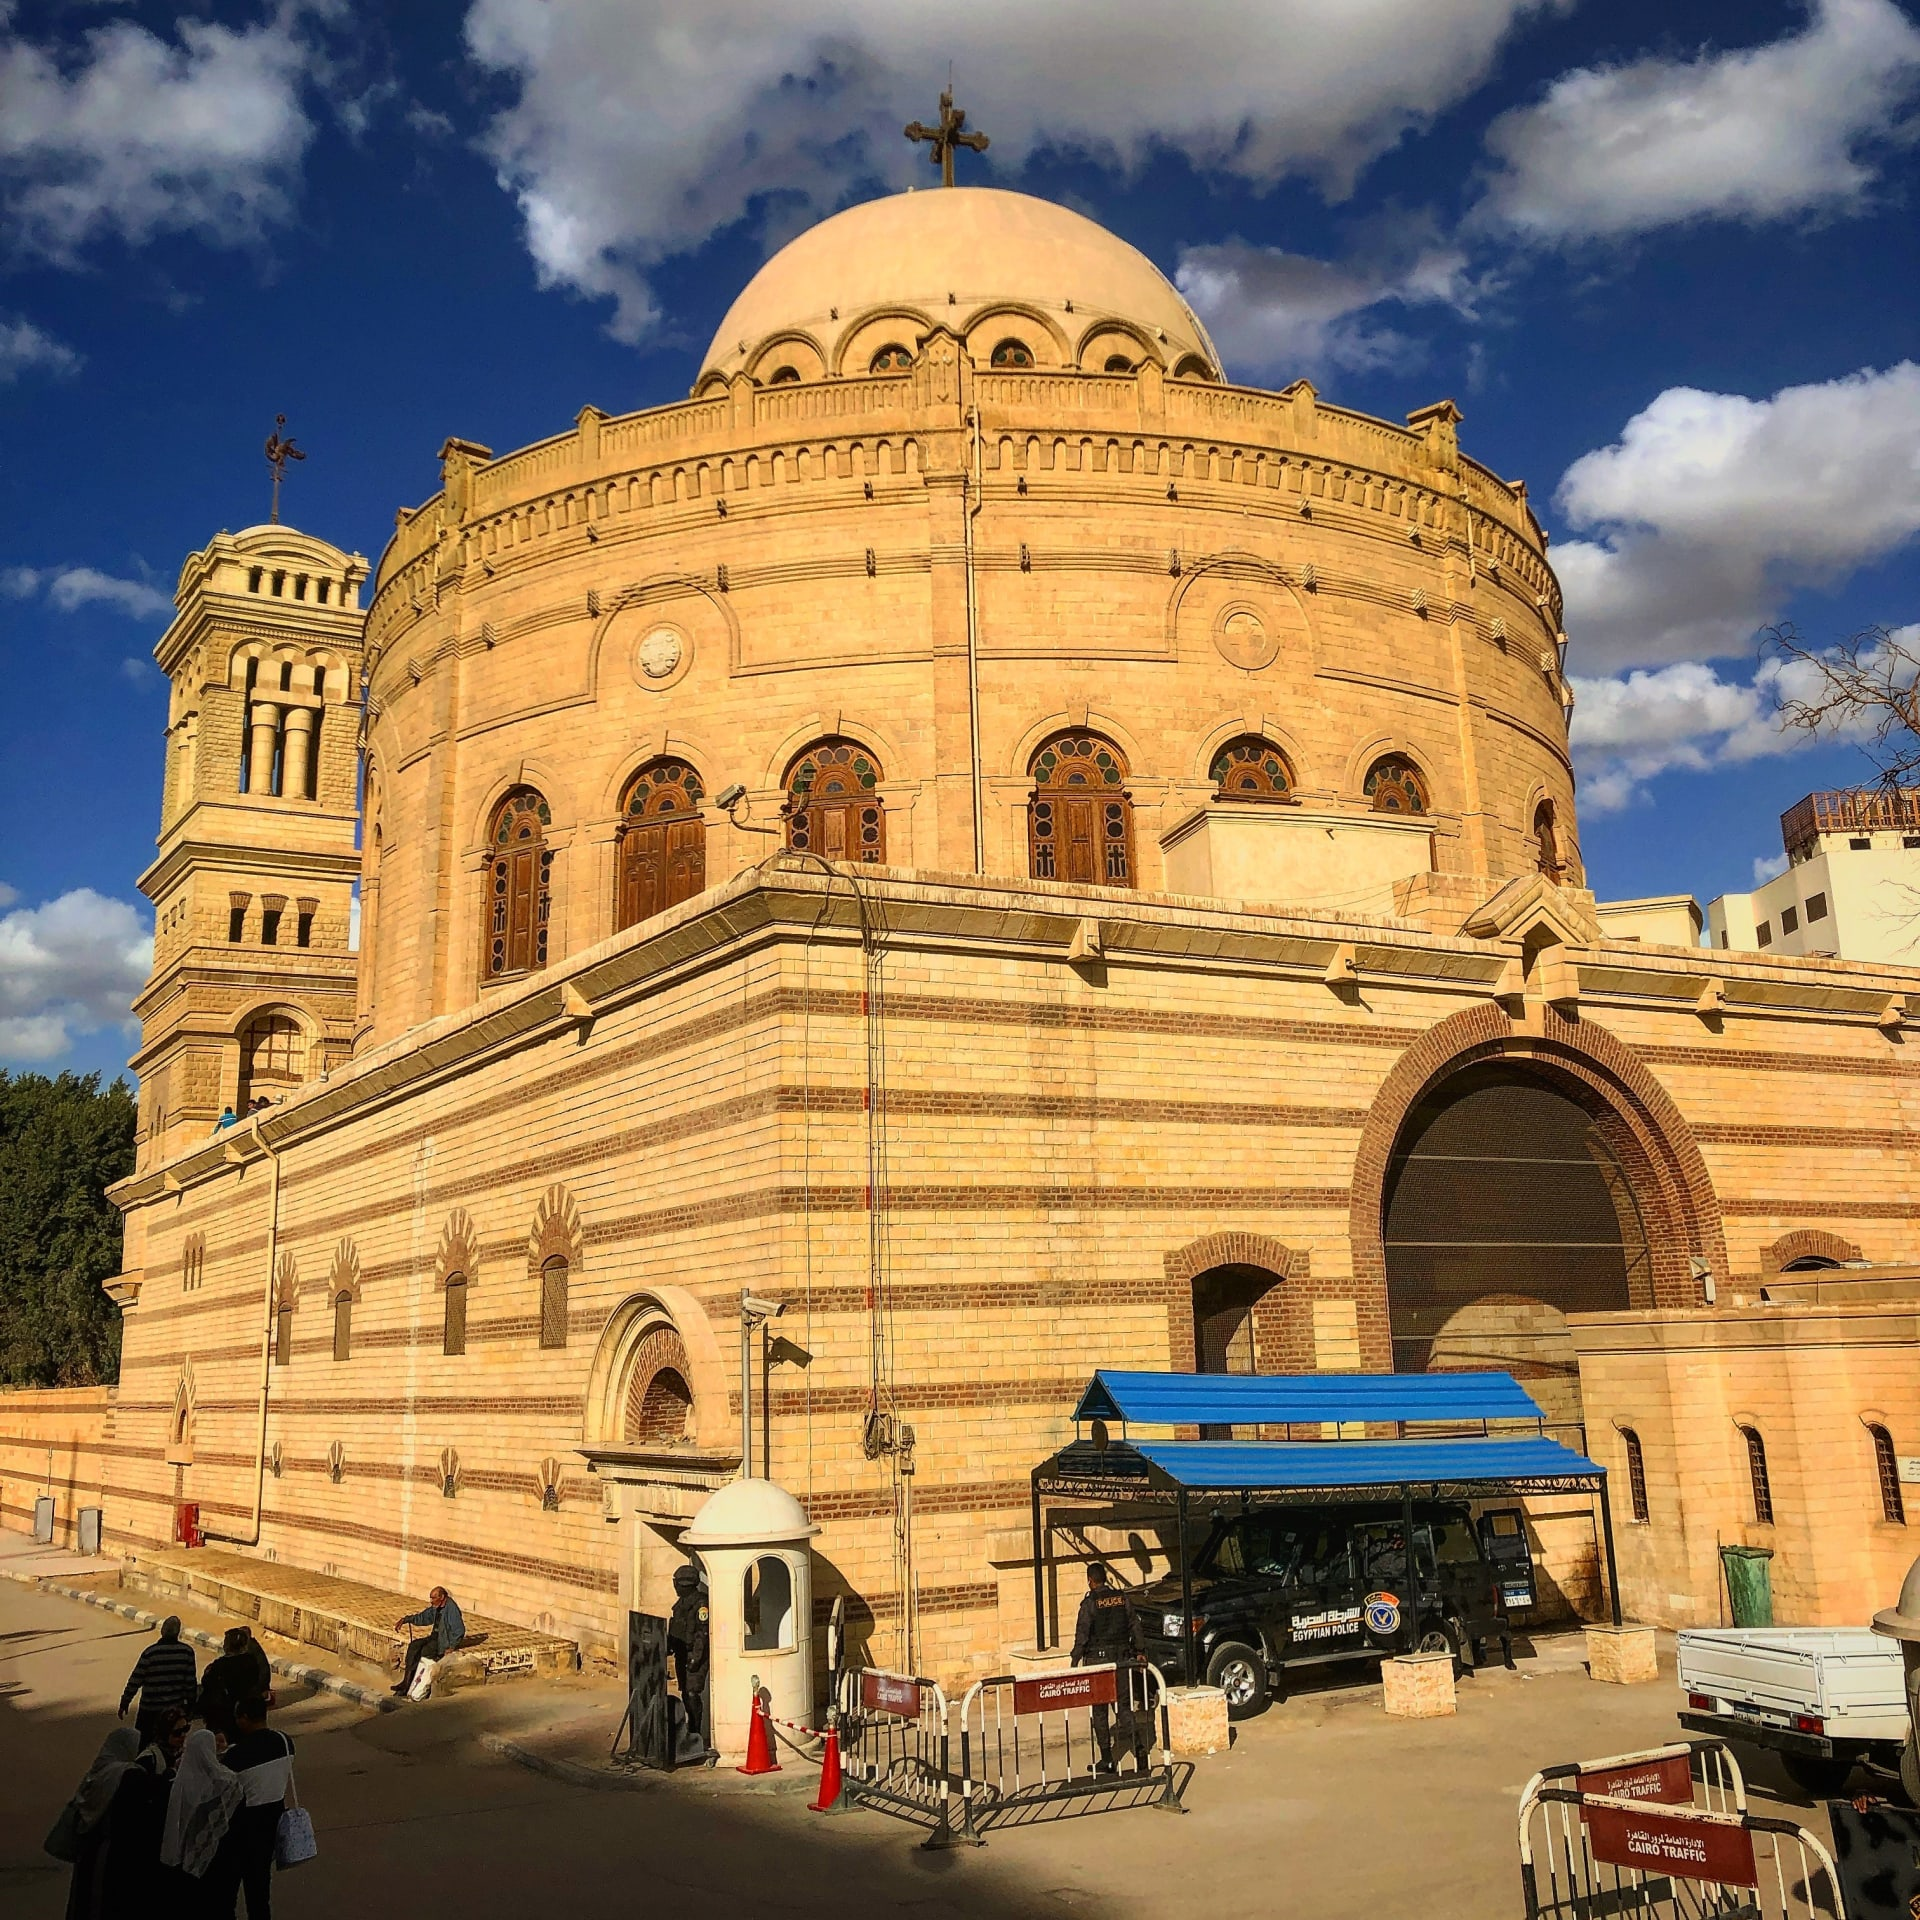 هل سبق أن سمعت عن كنيسة مصر المعلقة؟ إليك سر تسميتها